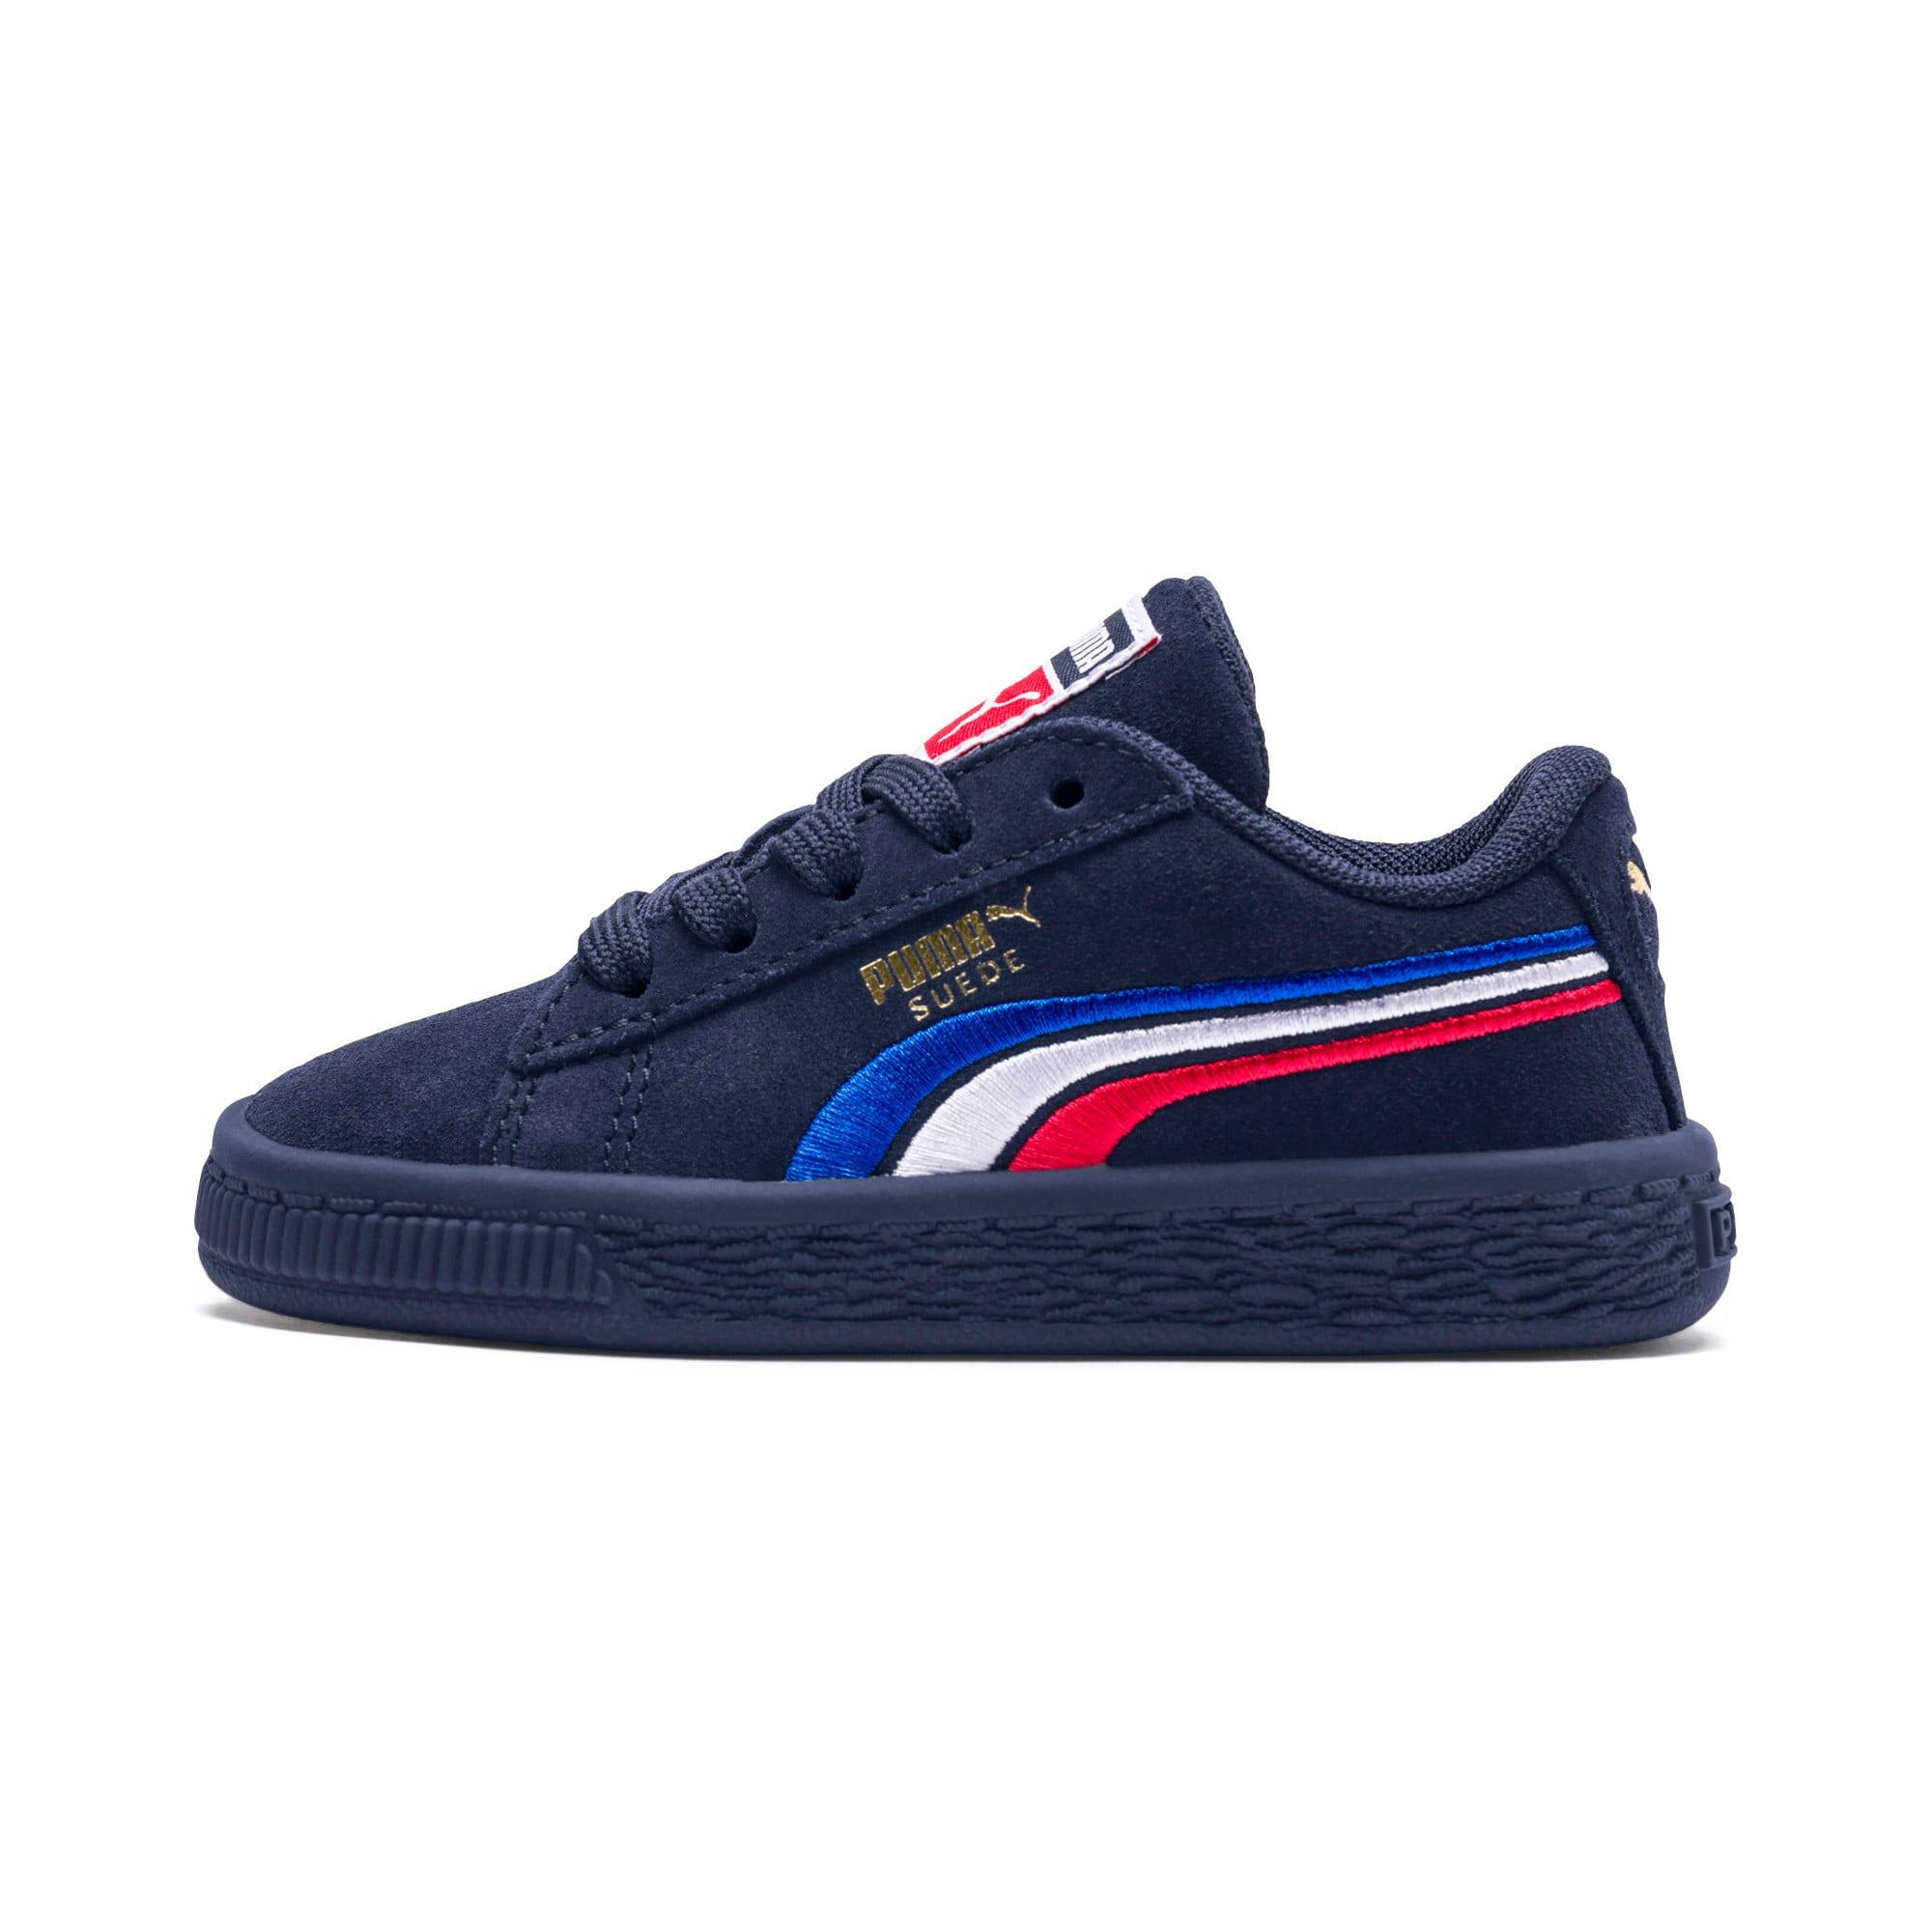 Miniatura 1 de Zapatos Suede Classic con bordado multicolor para niño pequeño, Peacoat-Blanco-Rojo-Azul, mediano